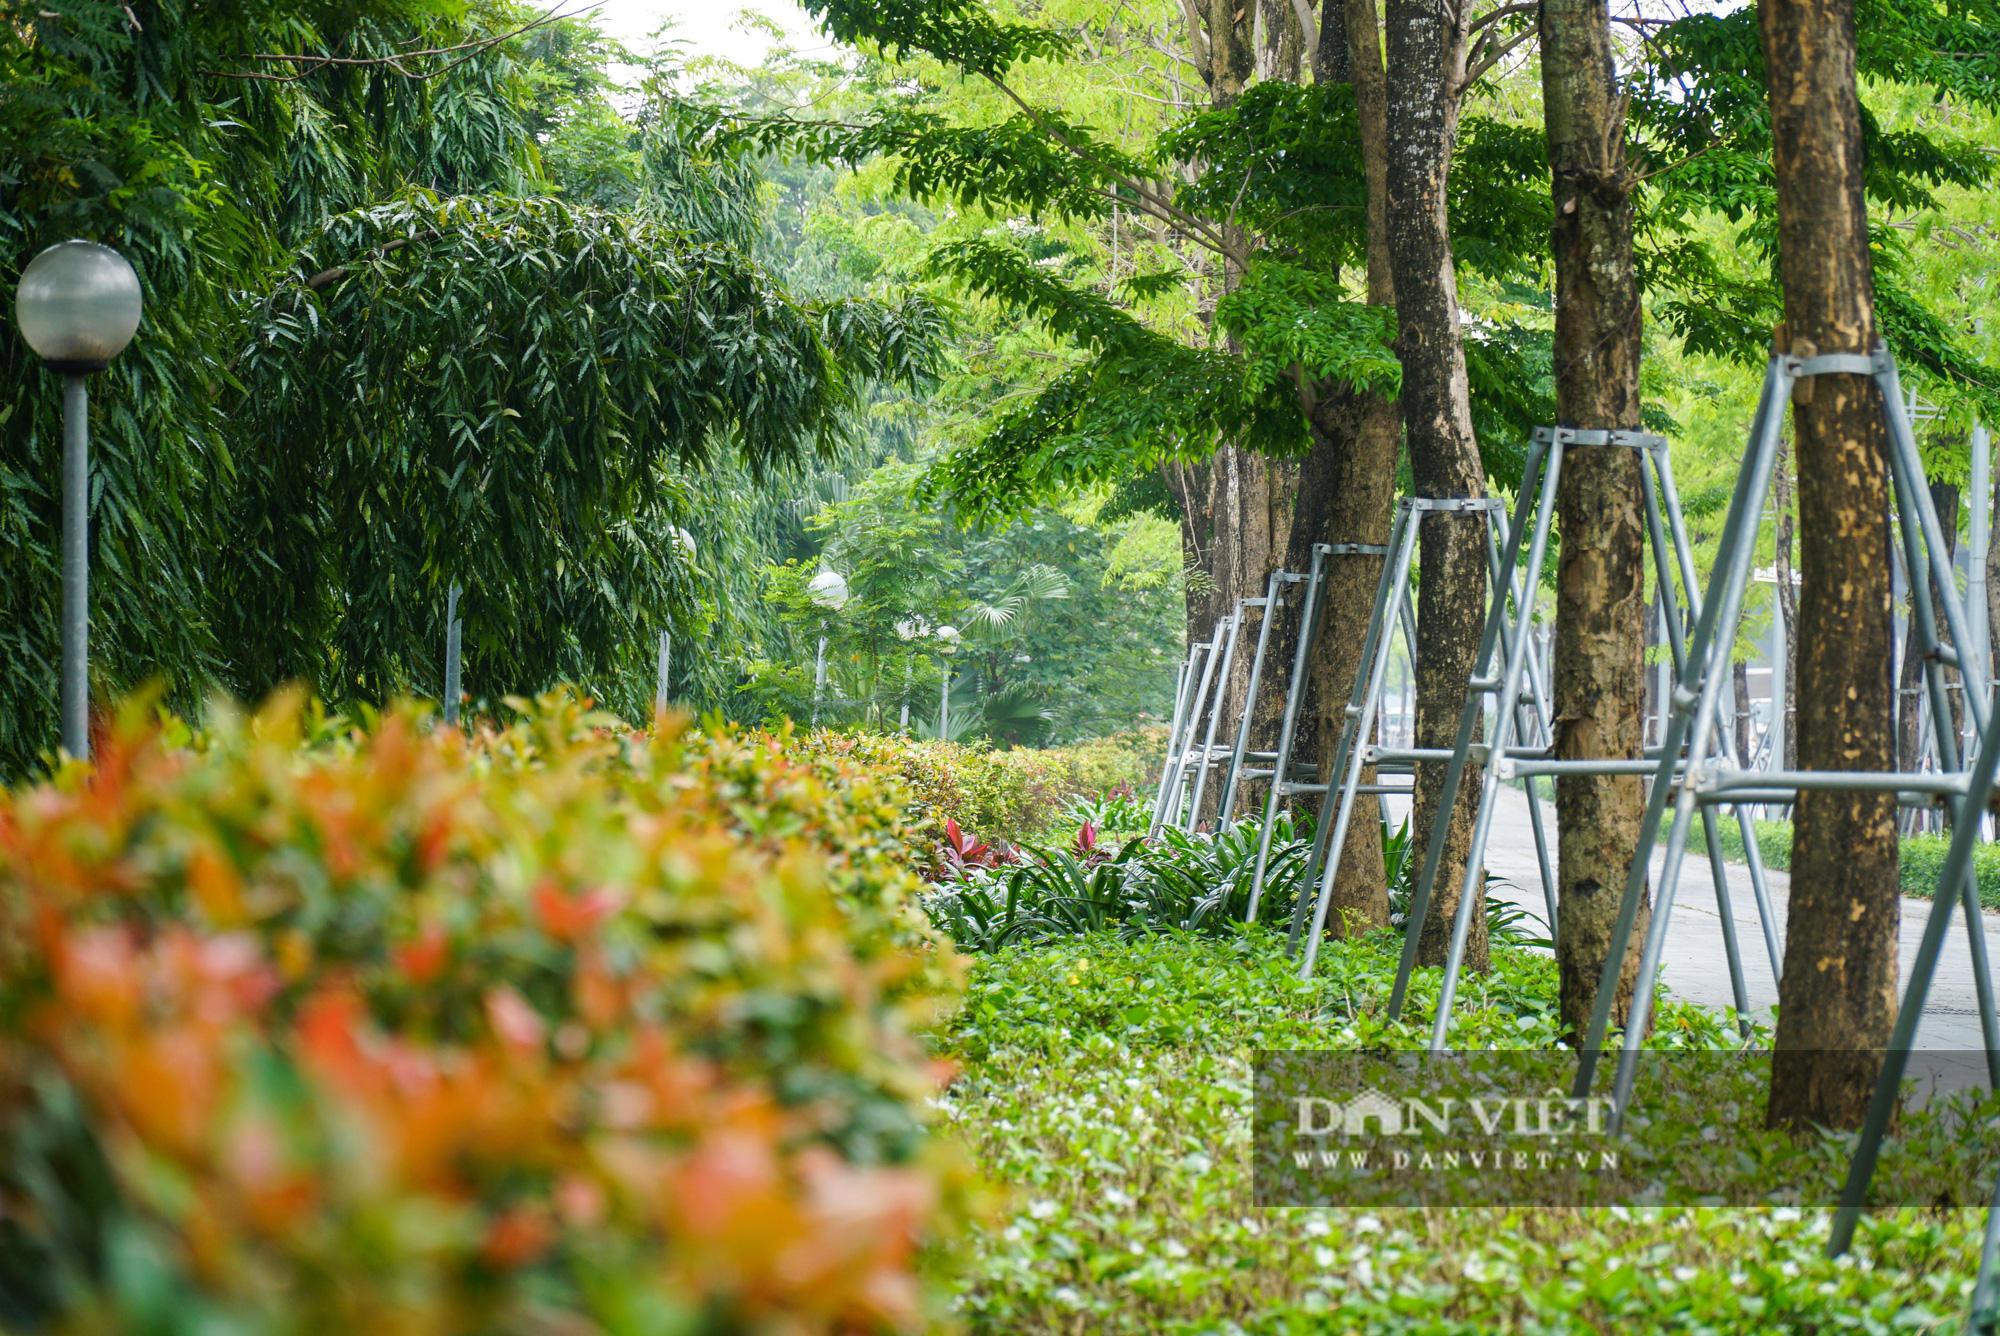 Điểm mặt những tuyến đường nhiều tầng cây xanh ở Hà Nội - Ảnh 3.